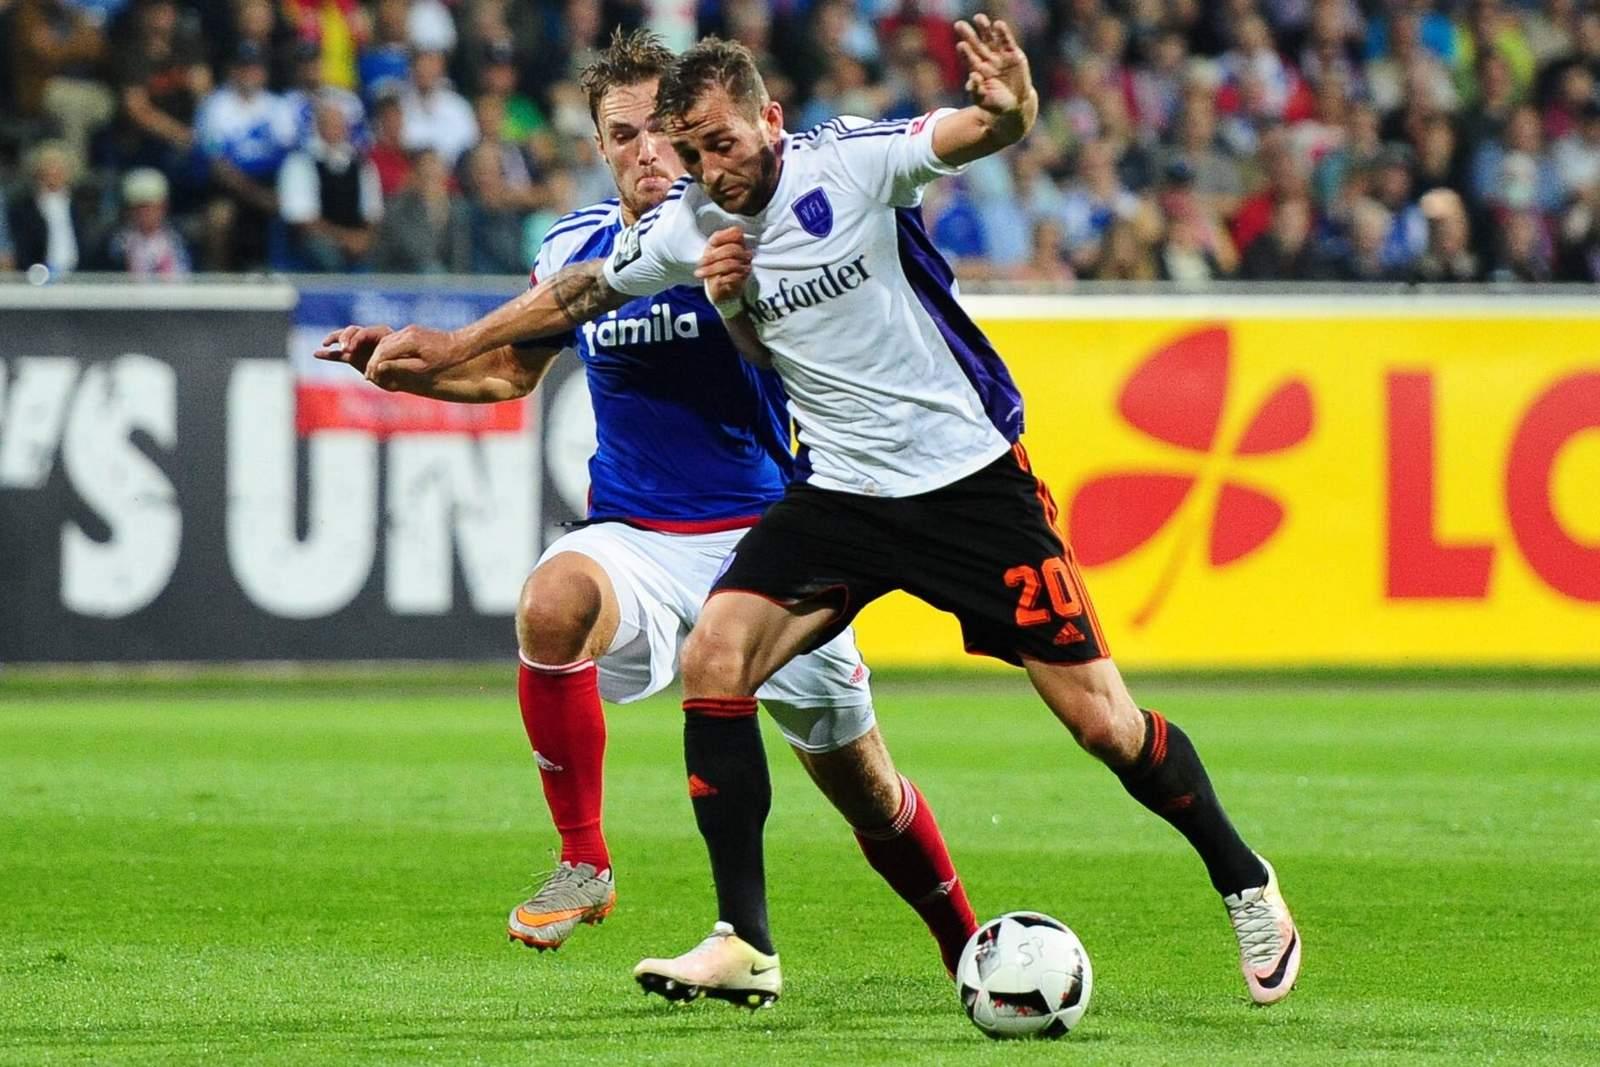 Marc Heider im Zweikampf mit Rafael Czichos. Jetzt auf Osnabrück gegen Holstein Kiel wetten!